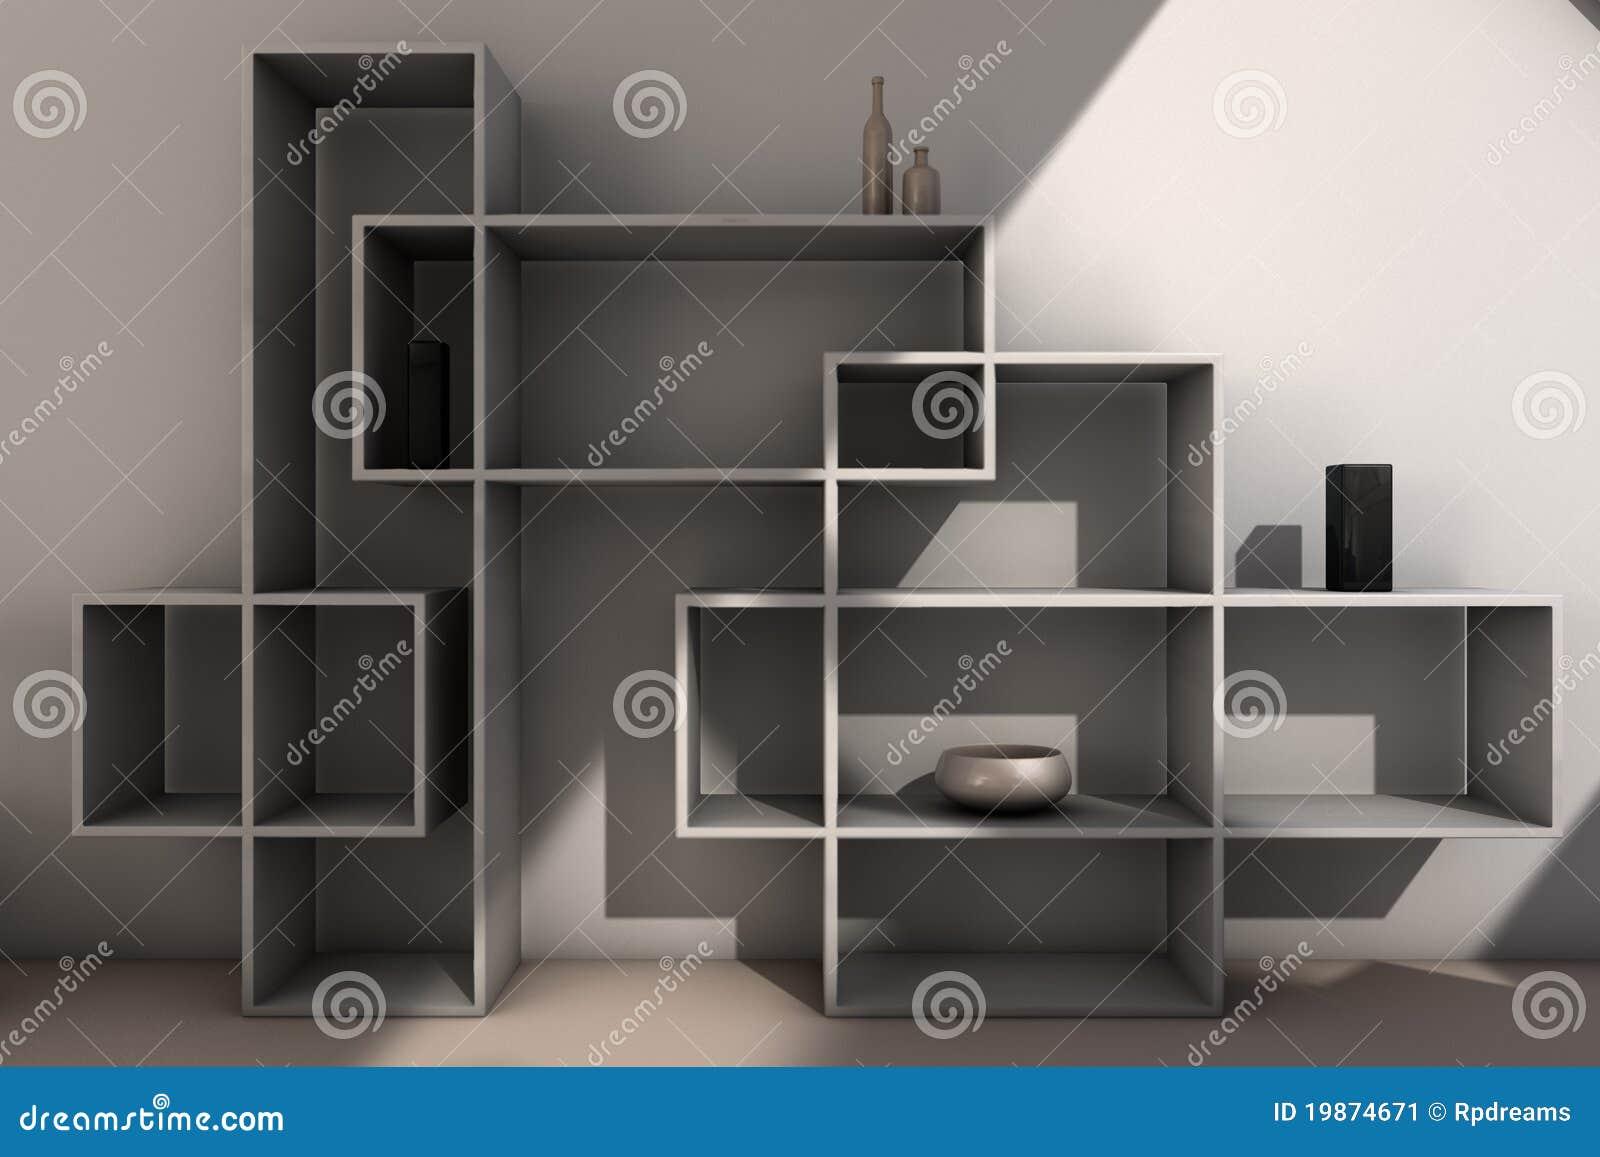 modern bookcase stock illustration image of interior. Black Bedroom Furniture Sets. Home Design Ideas